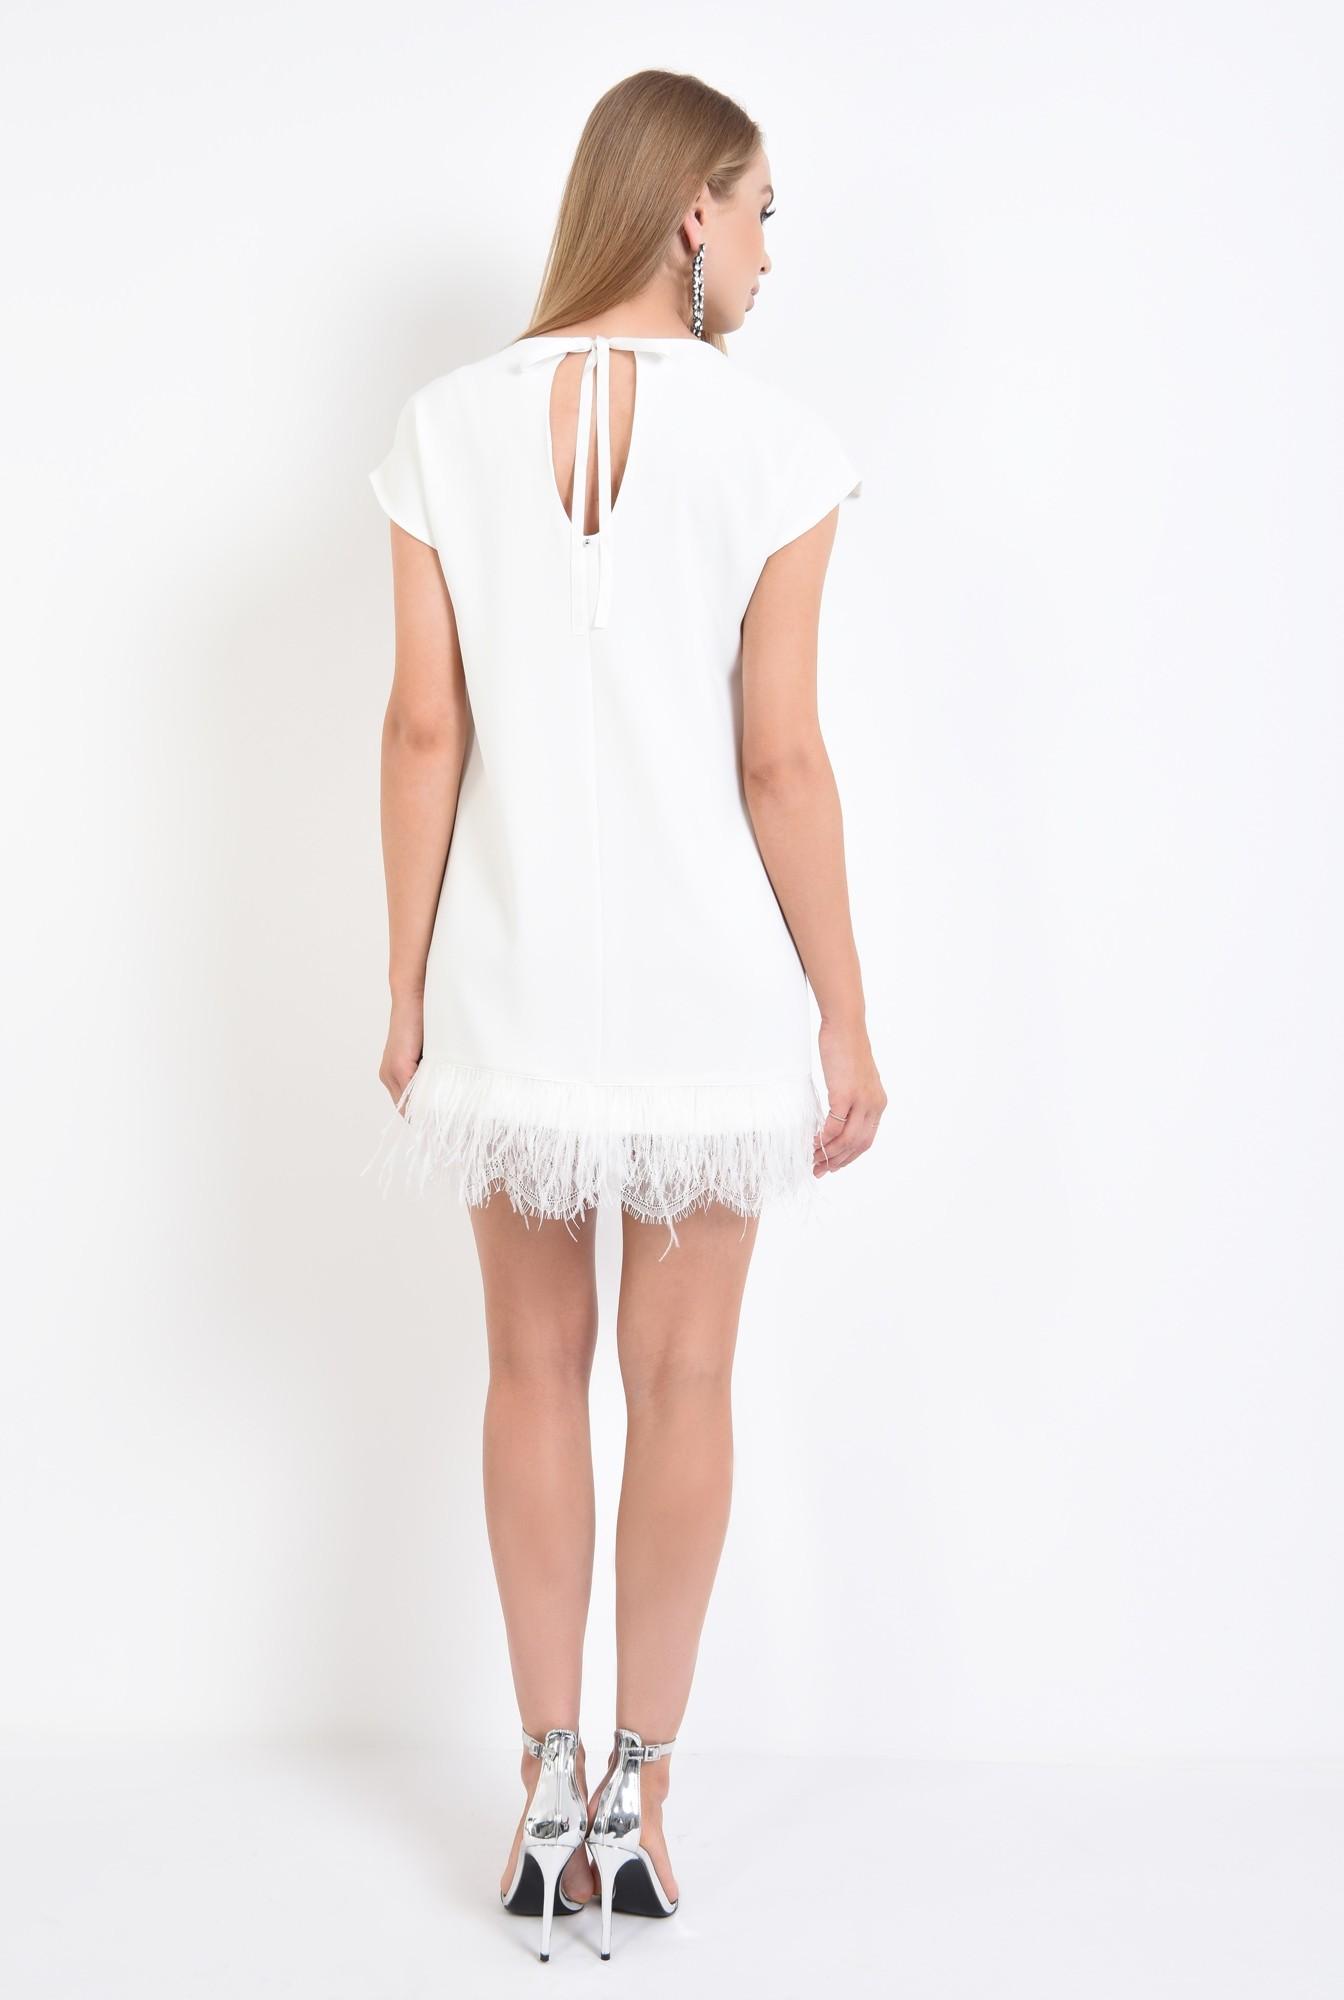 1 - rochie eleganta, scurta, alba, pene de strut